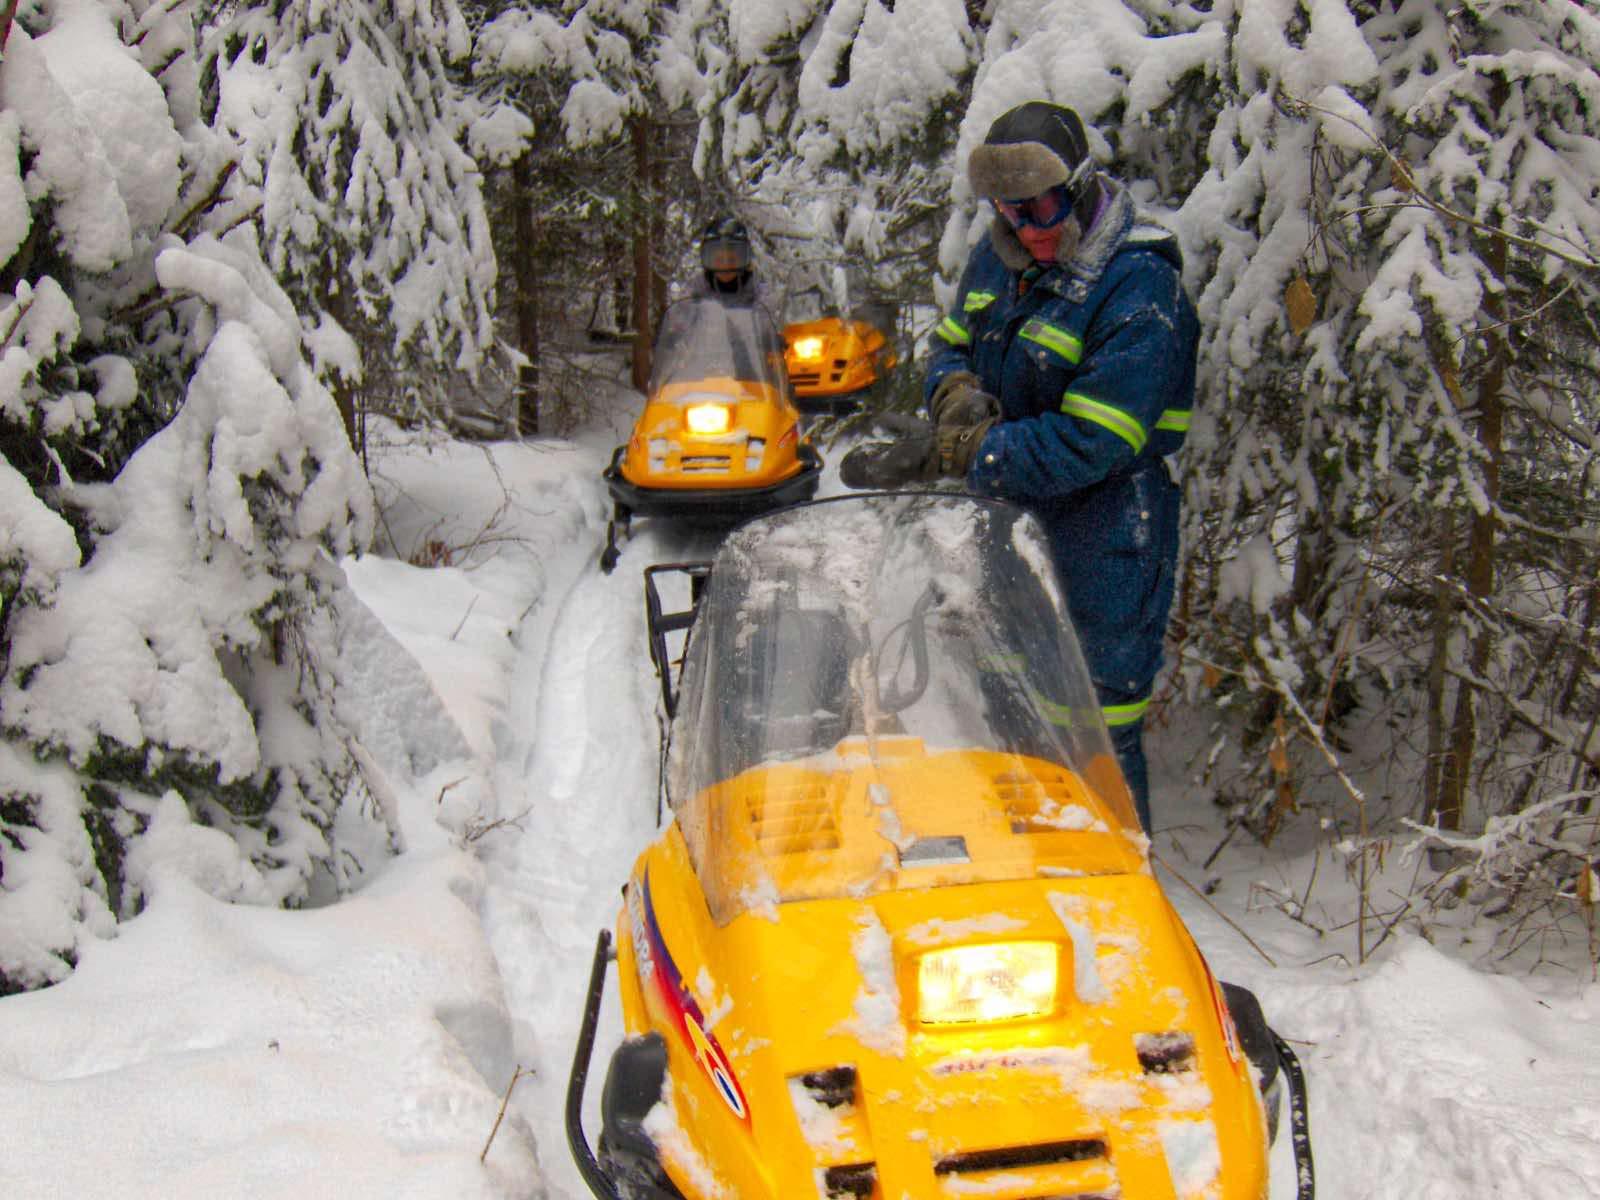 Die Fahrt zum See führt durch tief verschneide kanadische Wälder.